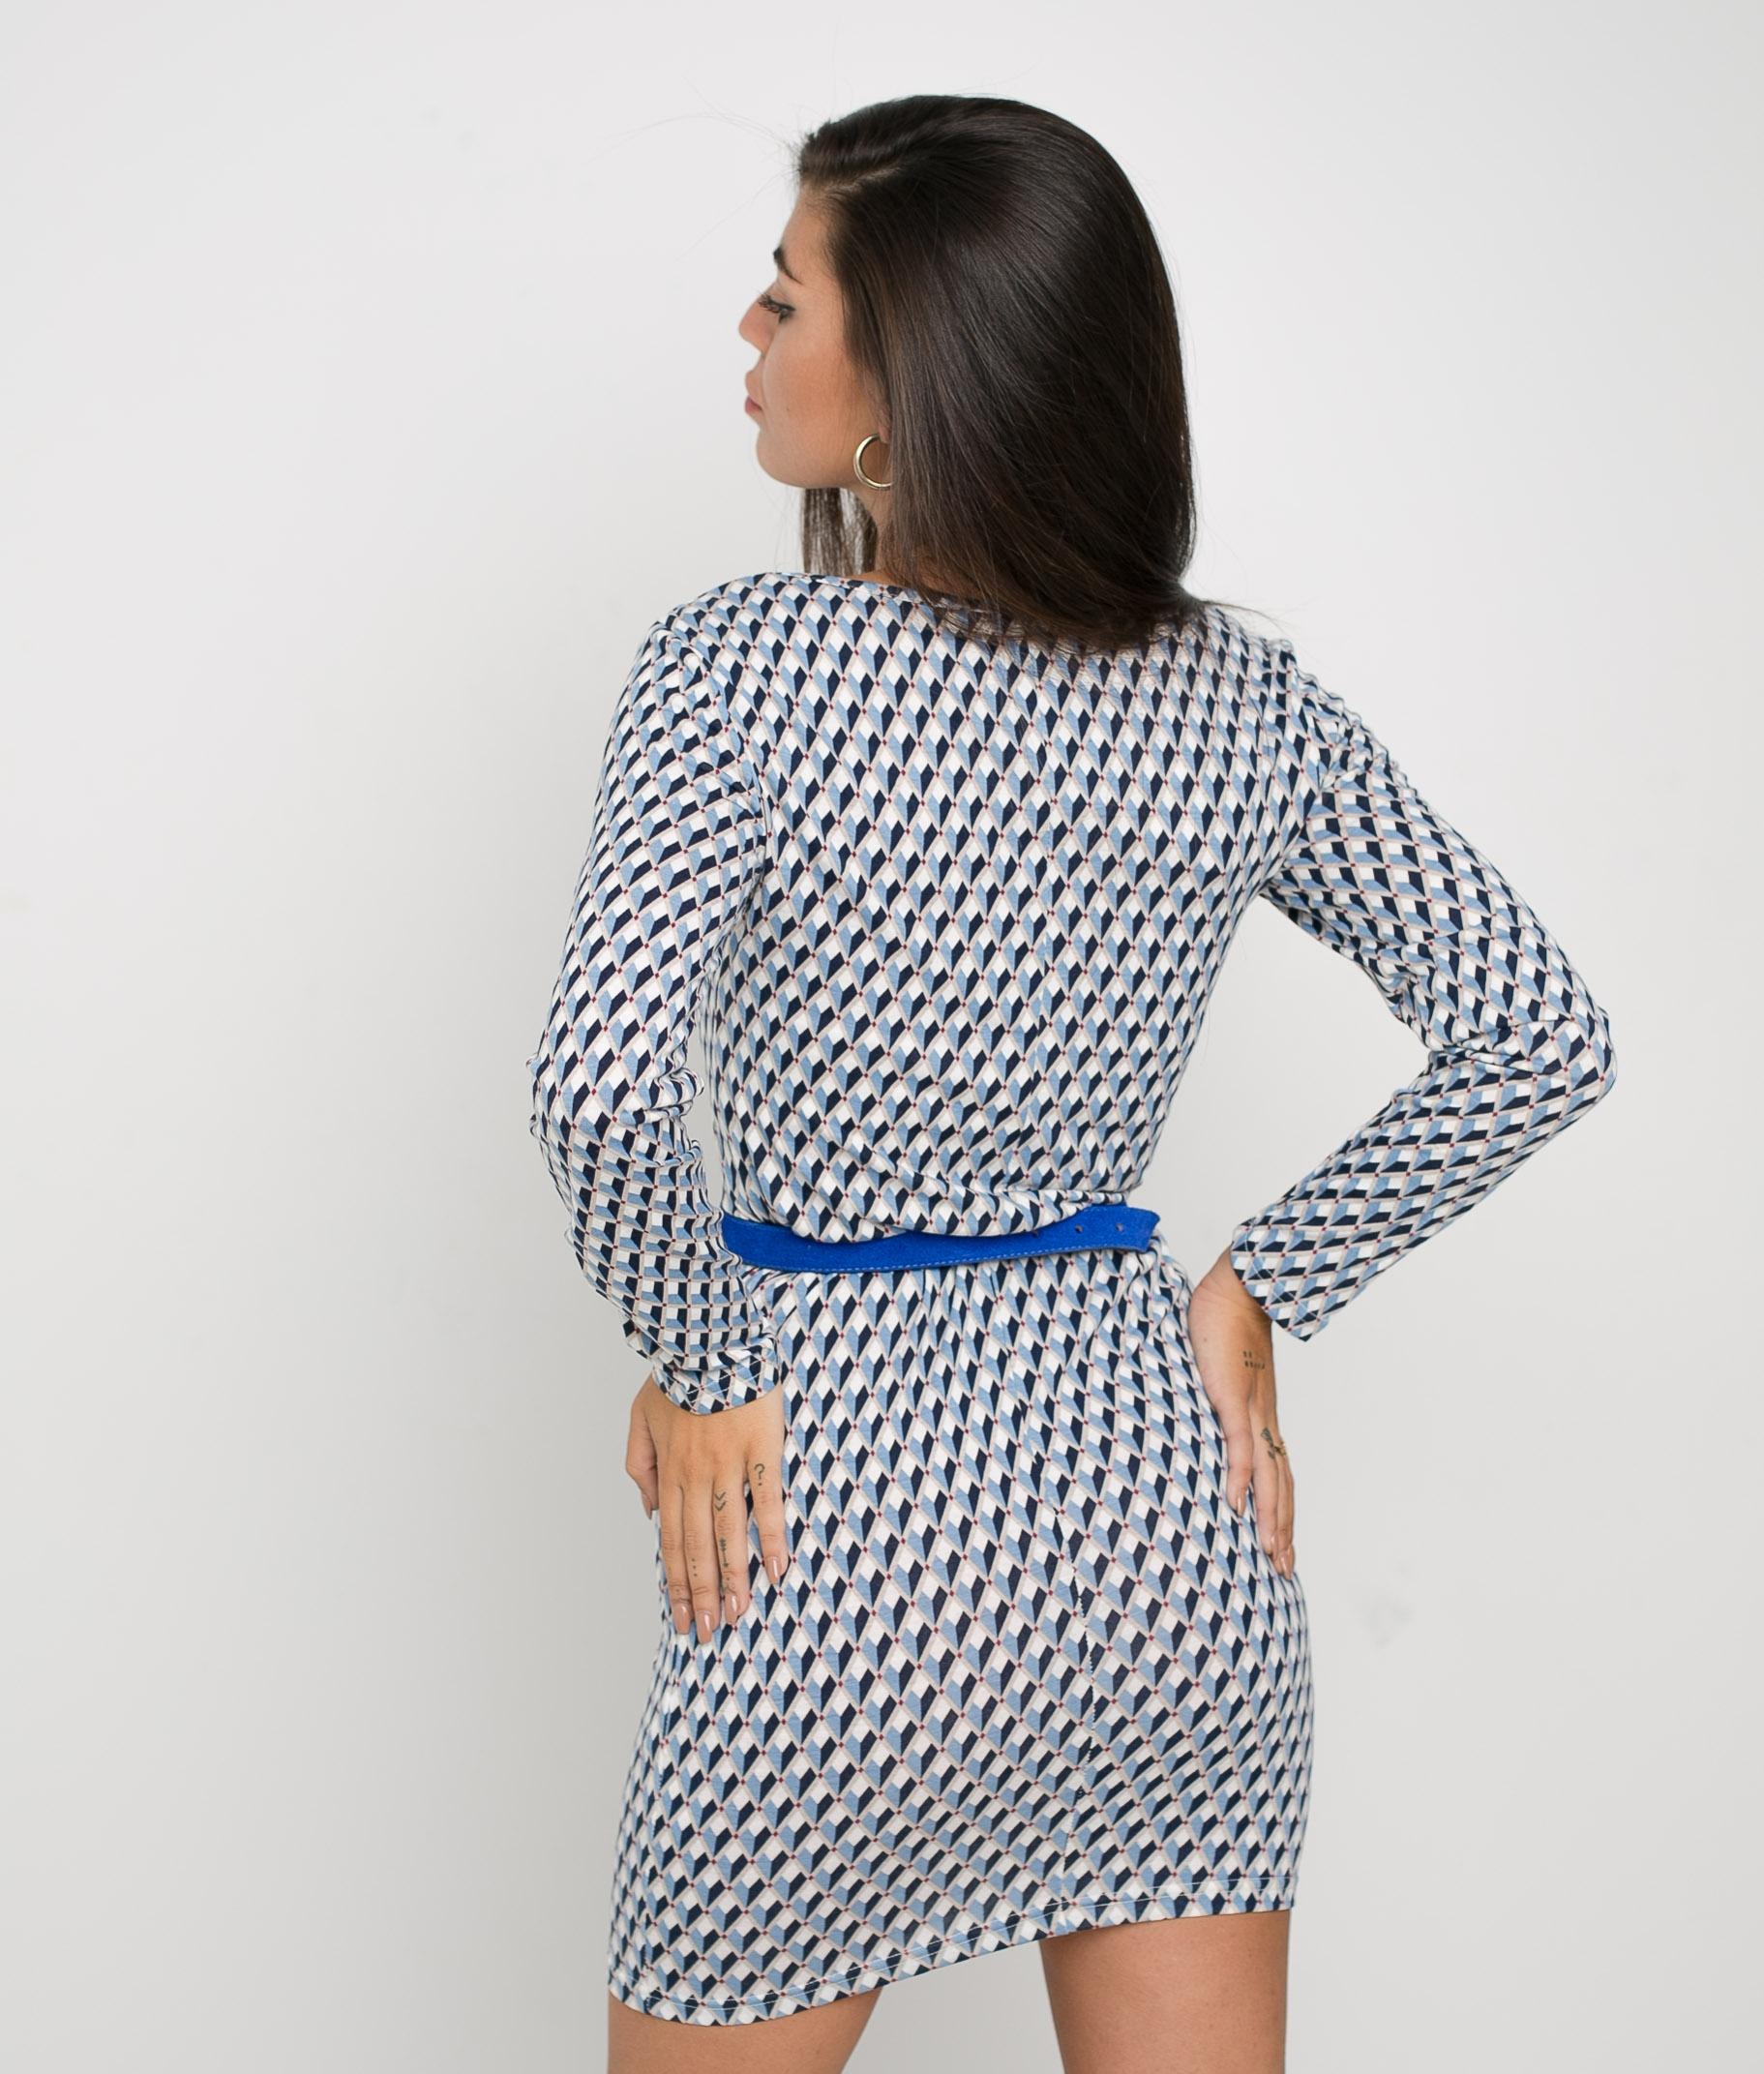 DRESS TRILA - BLUE